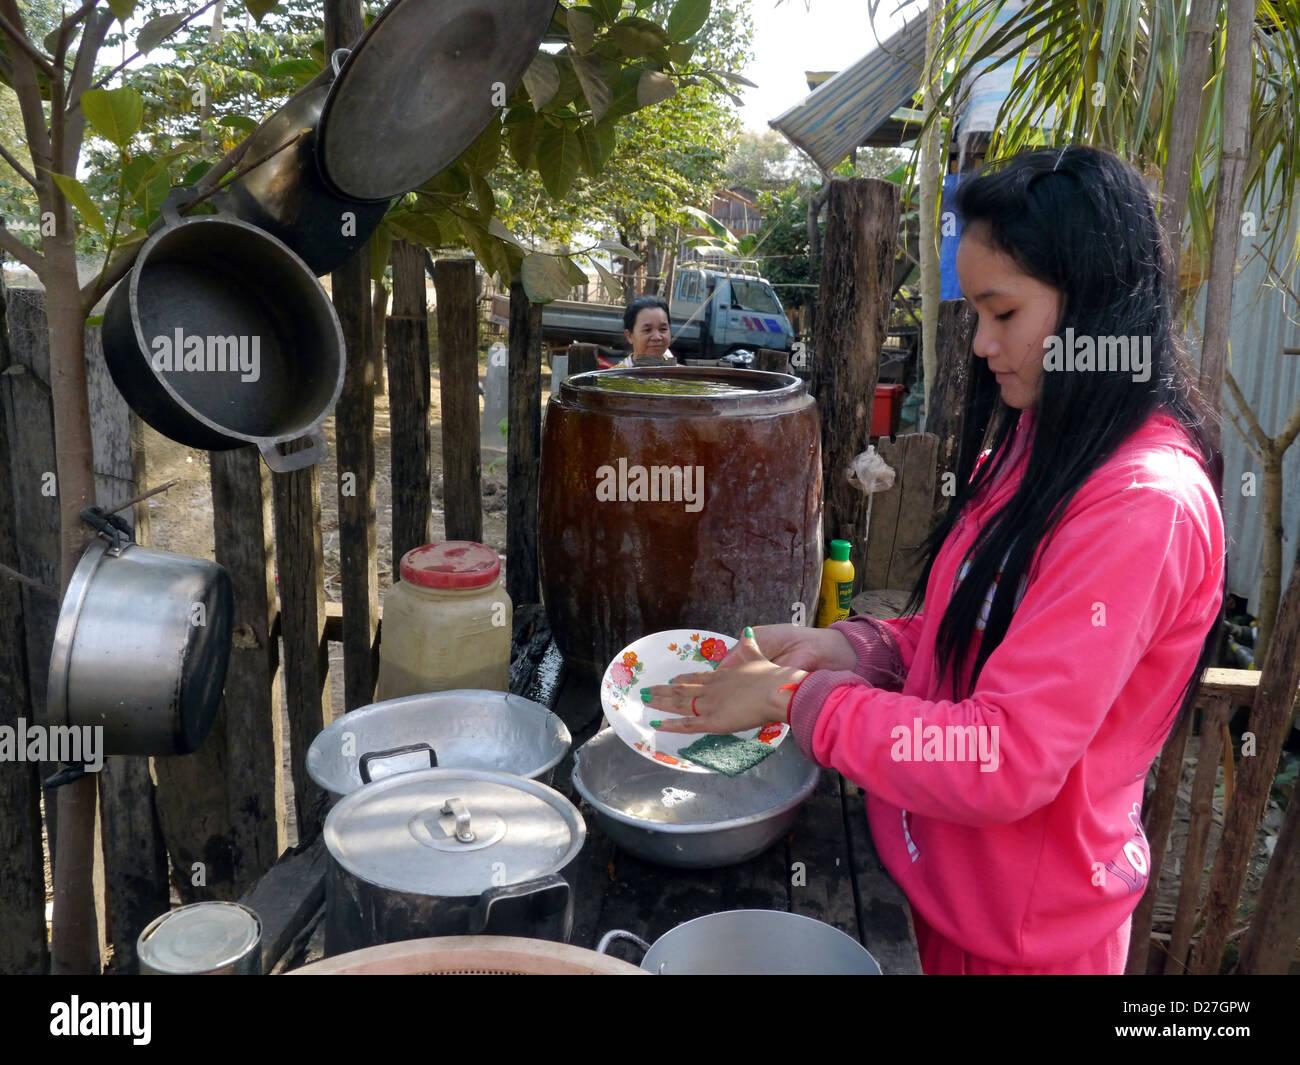 Outdoorküche Mit Spüle Kaufen : Überraschende ideen outdoor küche spüle salus stein wald kühce deko